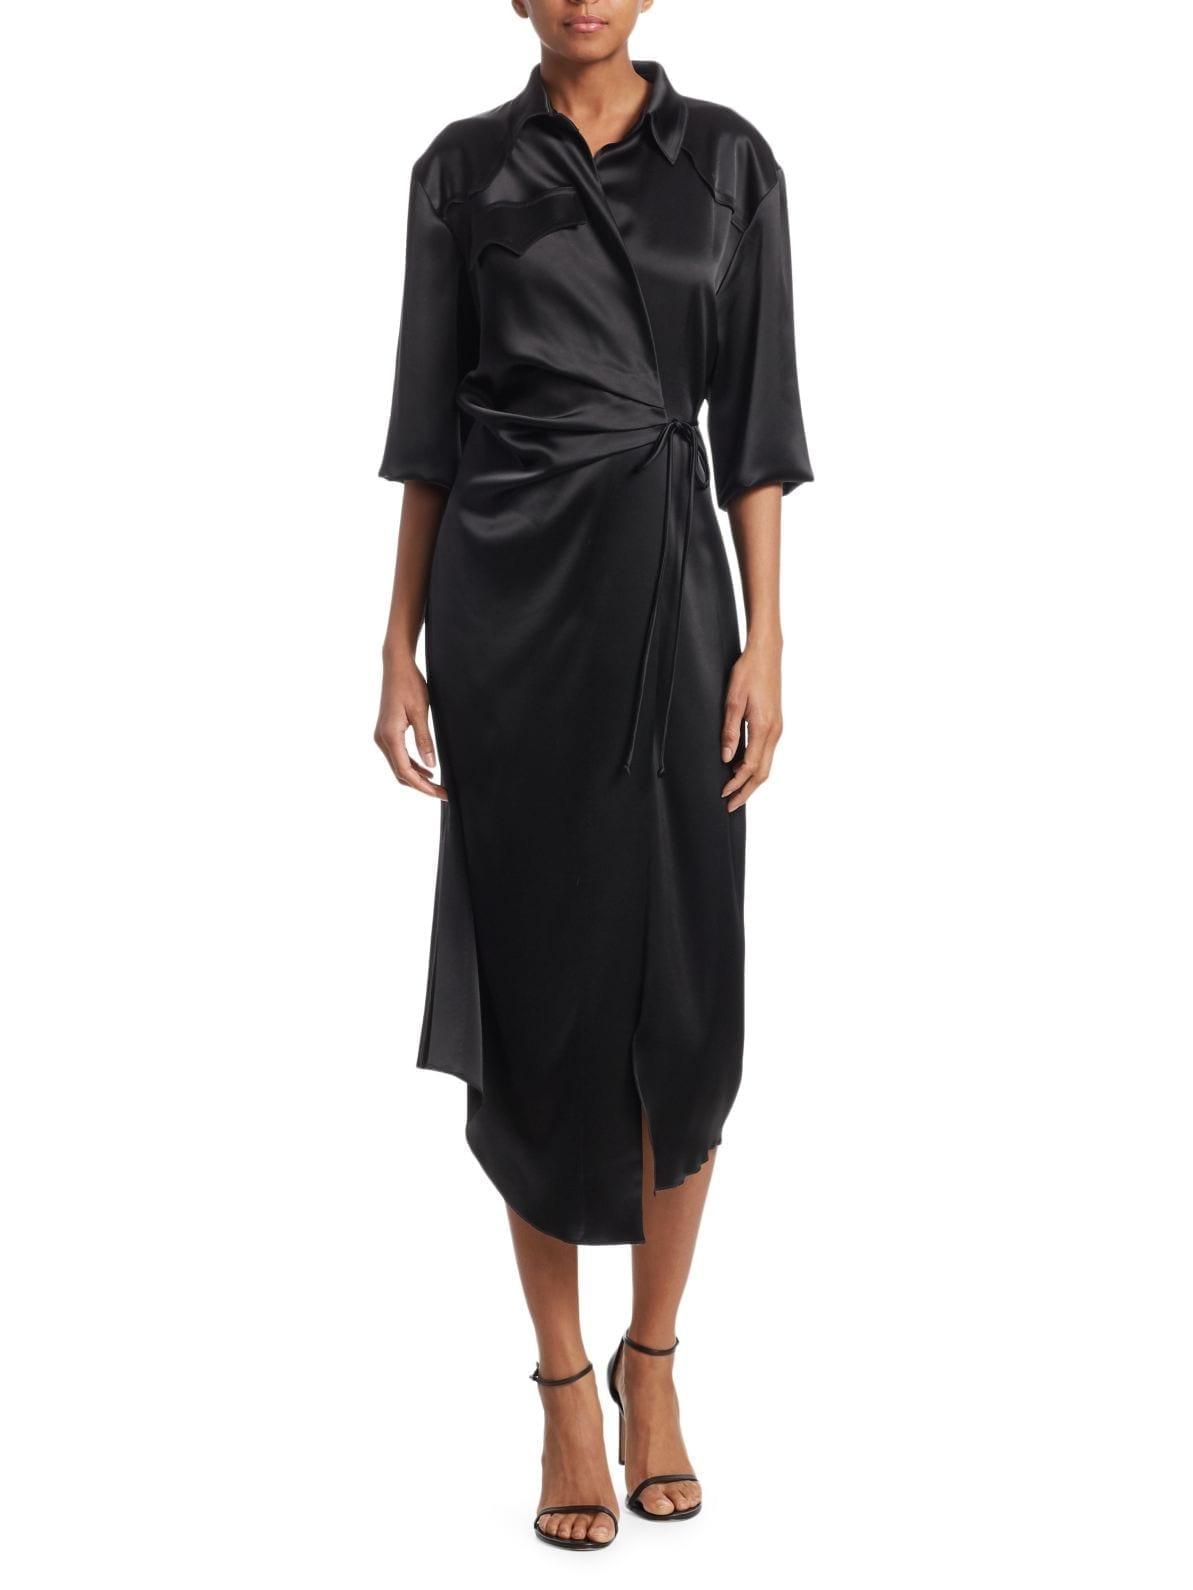 NANUSHKA Lais Satin Wrap Shirt Black dress